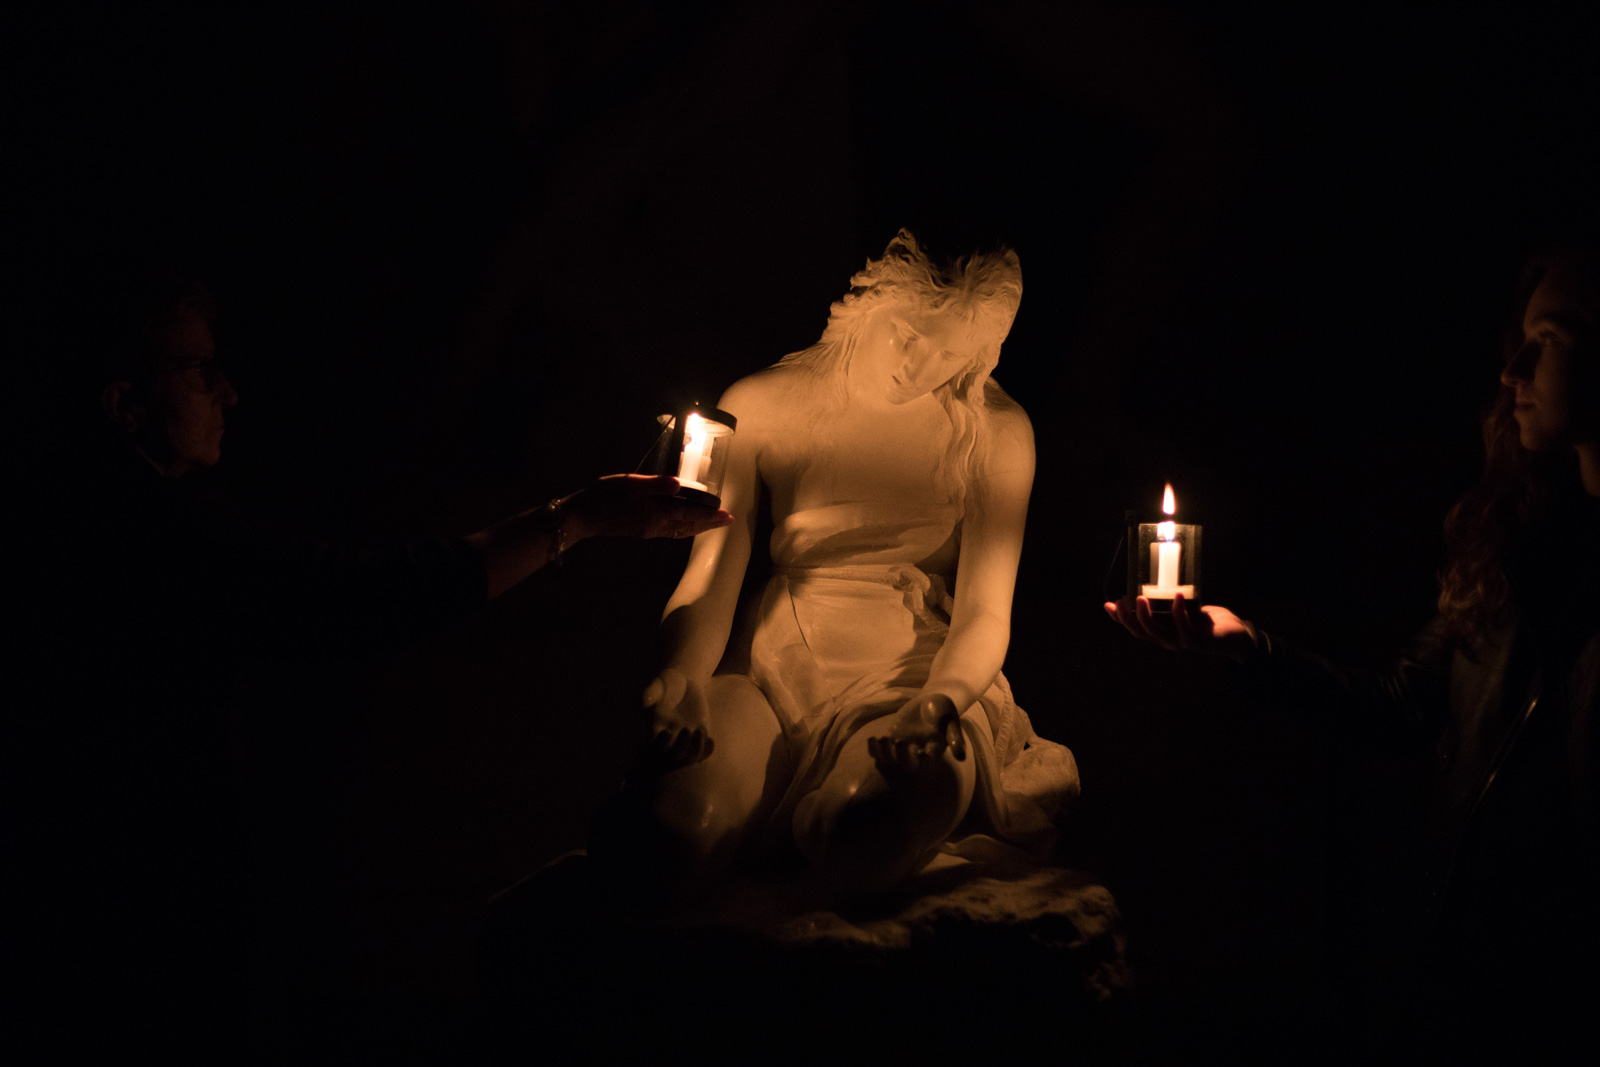 Le statue di Canova alla luce delle lanterne. Viaggio notturno nella Gypsotheca di Possagno